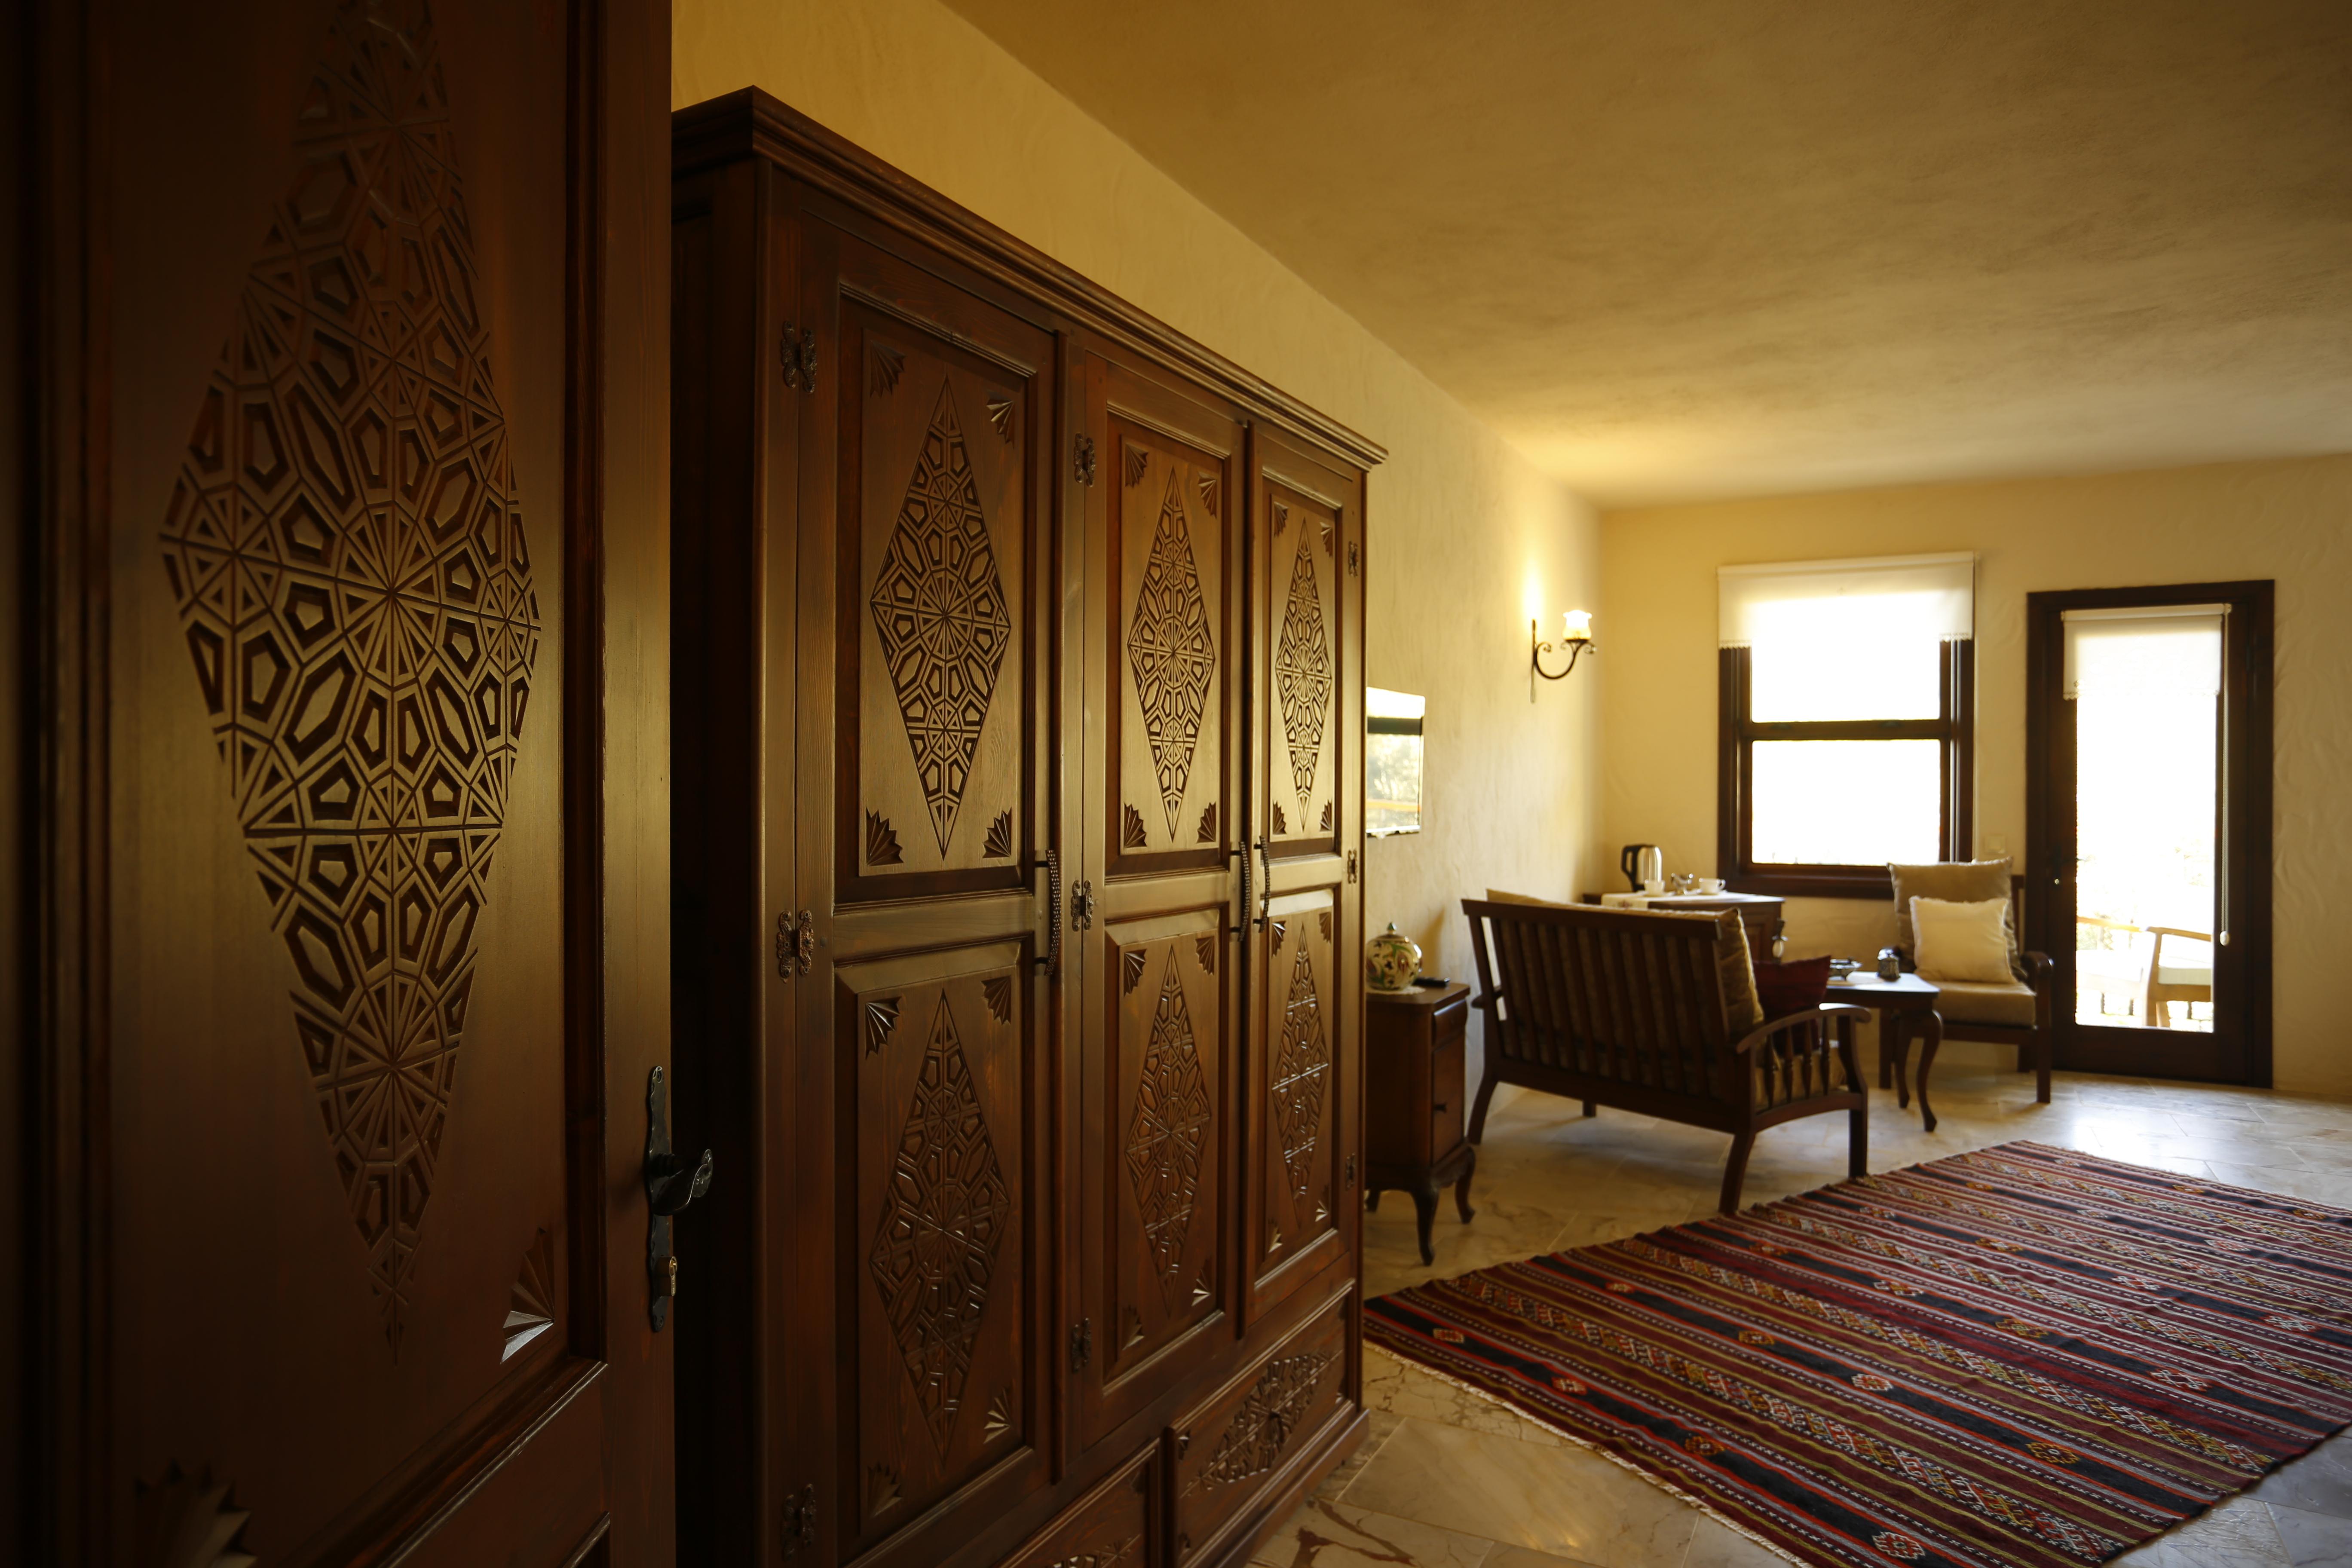 Ferienwohnung Luxurise Unterkunft und persnliches Ambiente in unzerstrter Natur (2742319), Fethiye, , Ägäisregion, Türkei, Bild 1